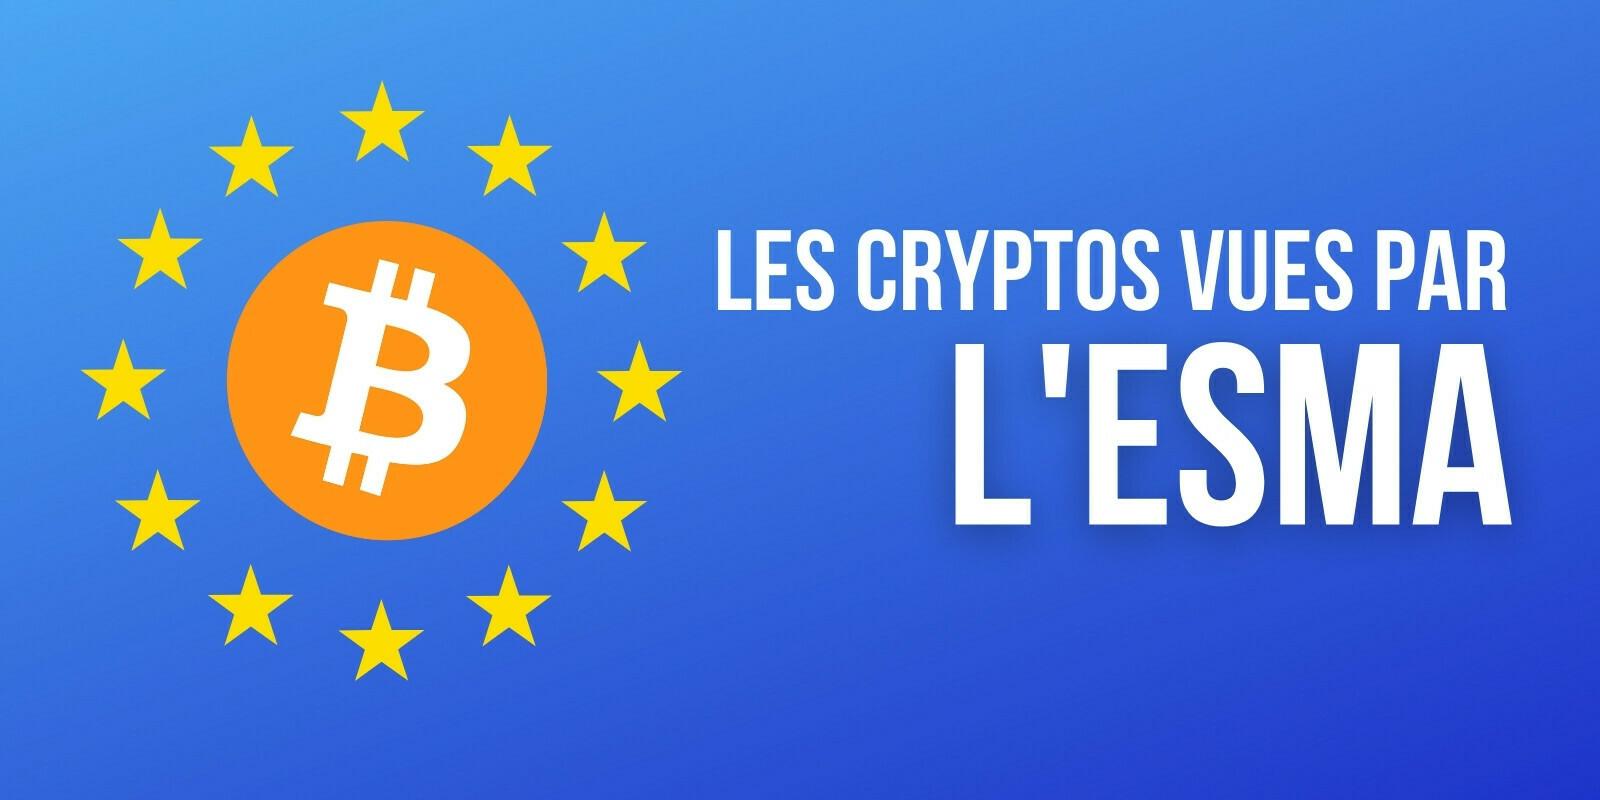 Rapport de l'Autorité européenne des marchés financiers (ESMA) – La DeFi appréciée, les crypto-actifs critiqués